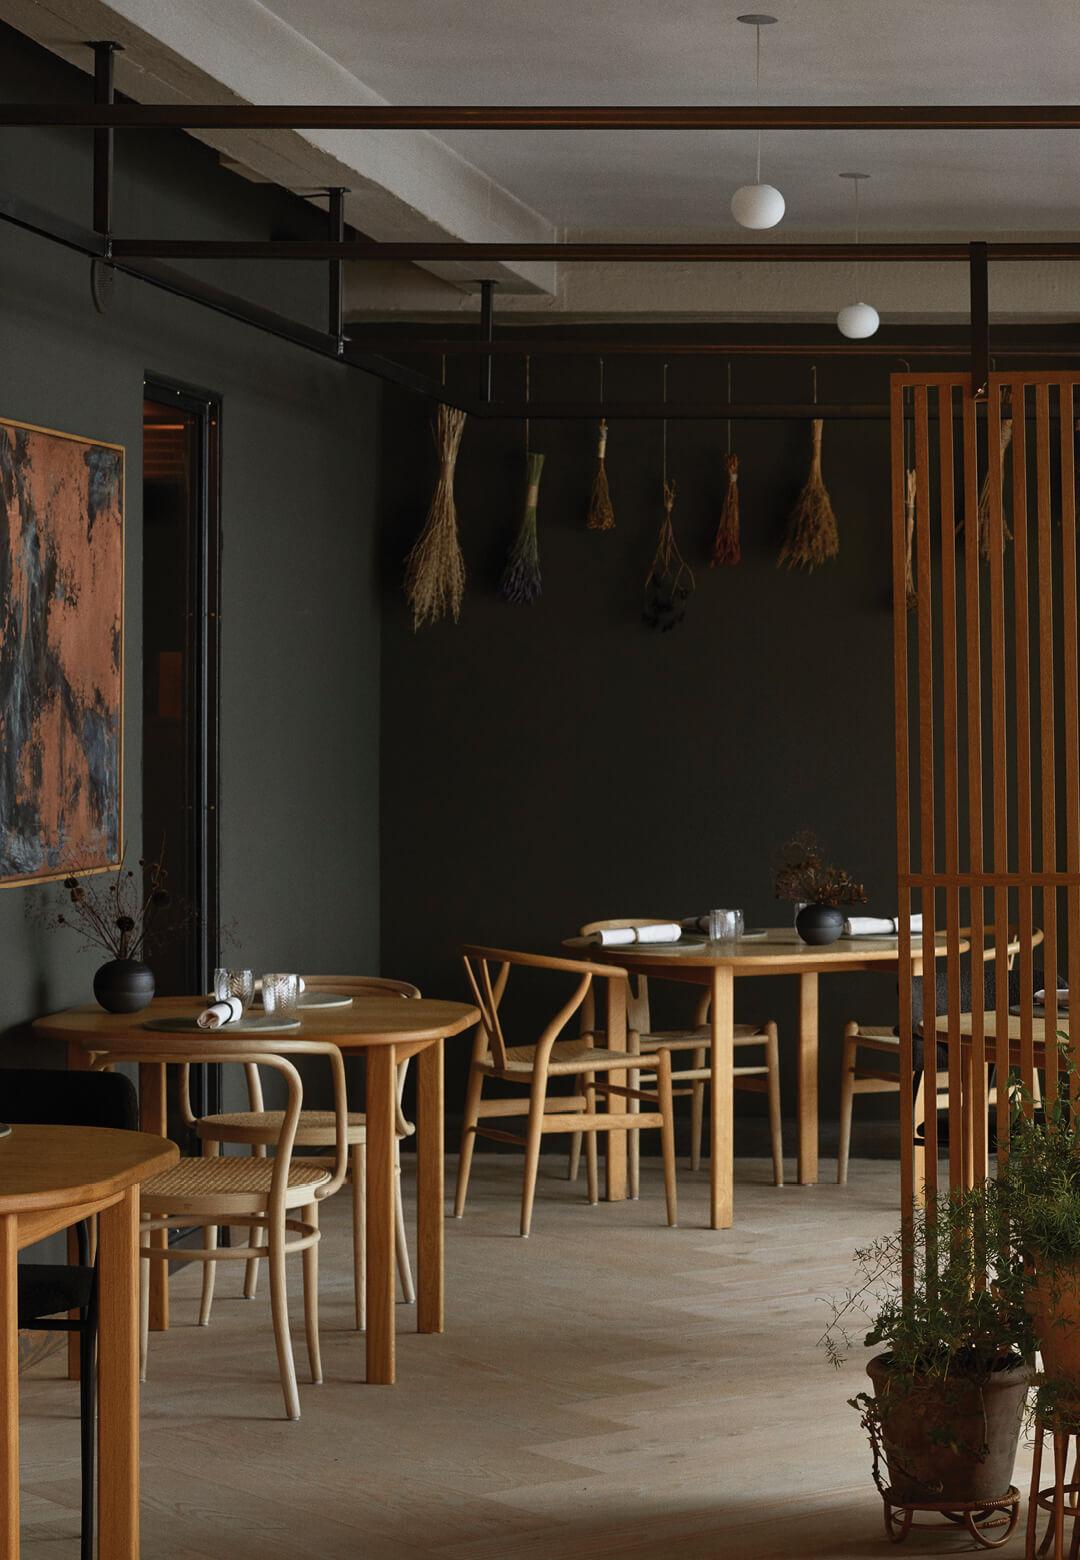 Kadeau restaurant in Copenhagen gets a warm redesign by OEO Studio | Kadeau Copenhagen by OEO Studio | STIRworld